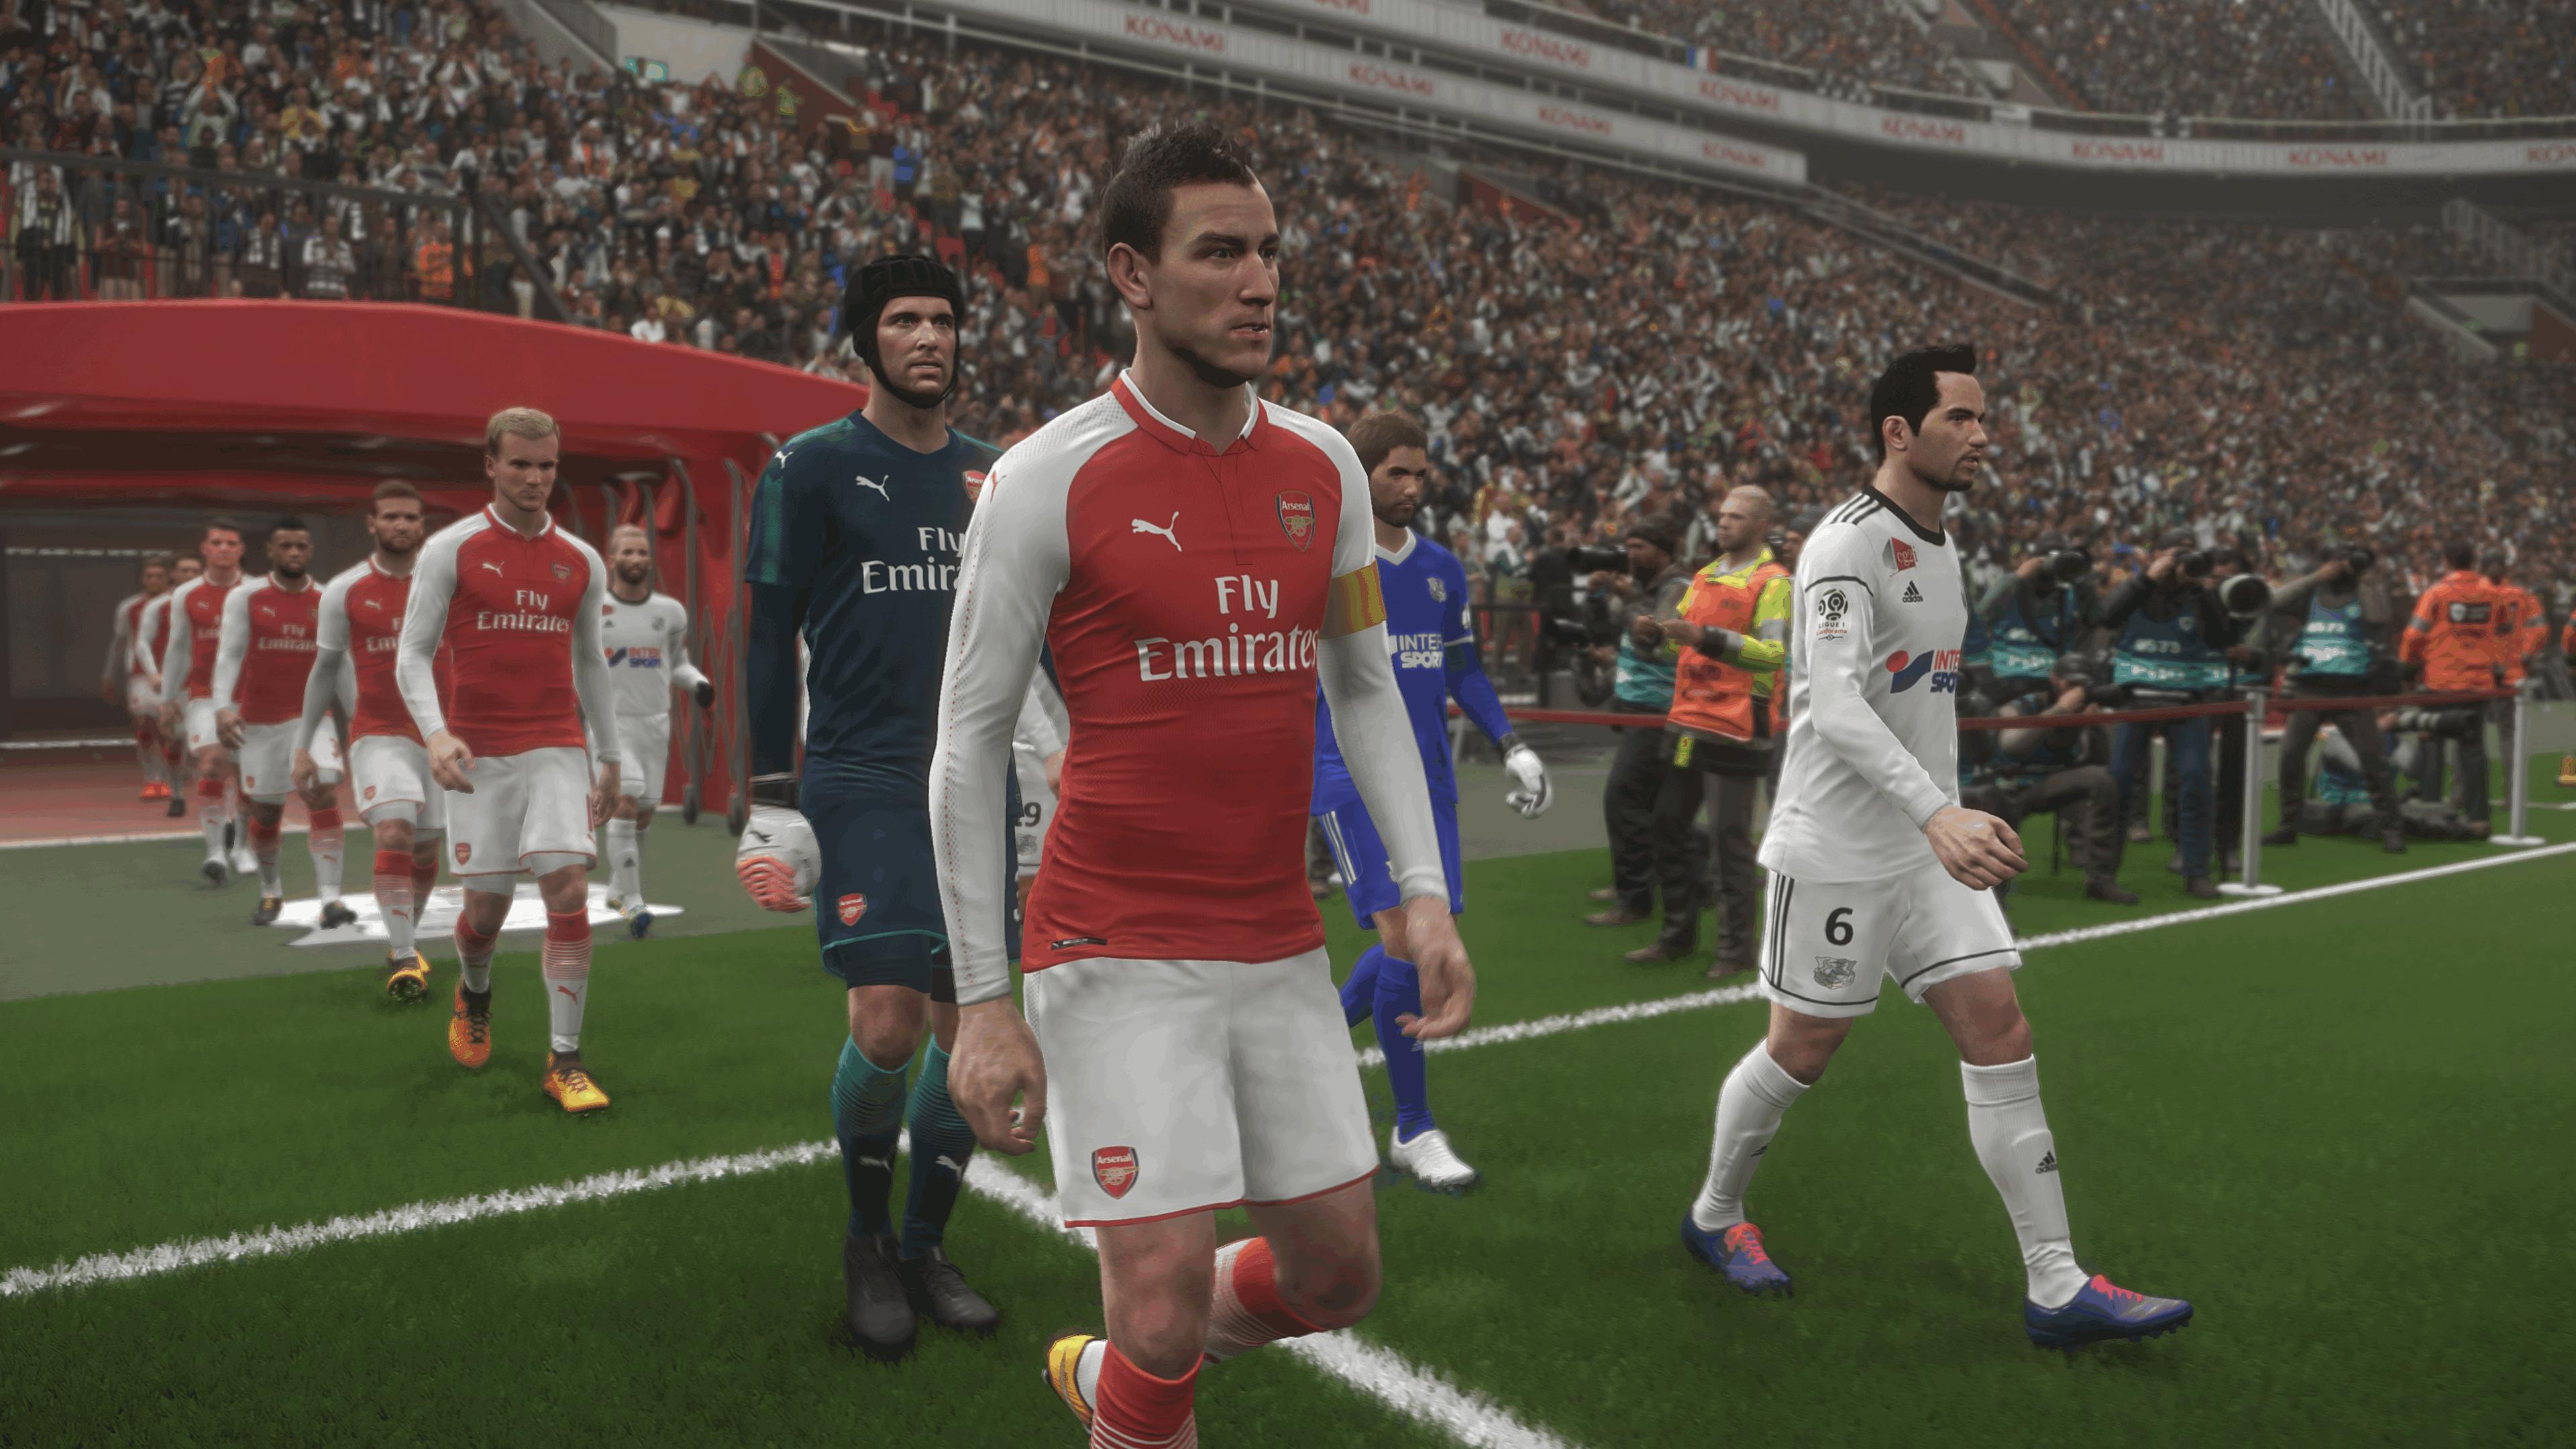 NVIDIA Ansel teknolojisi ile alınan Pro Evolution Soccer 2018 görselleri kusursuz görünüyor